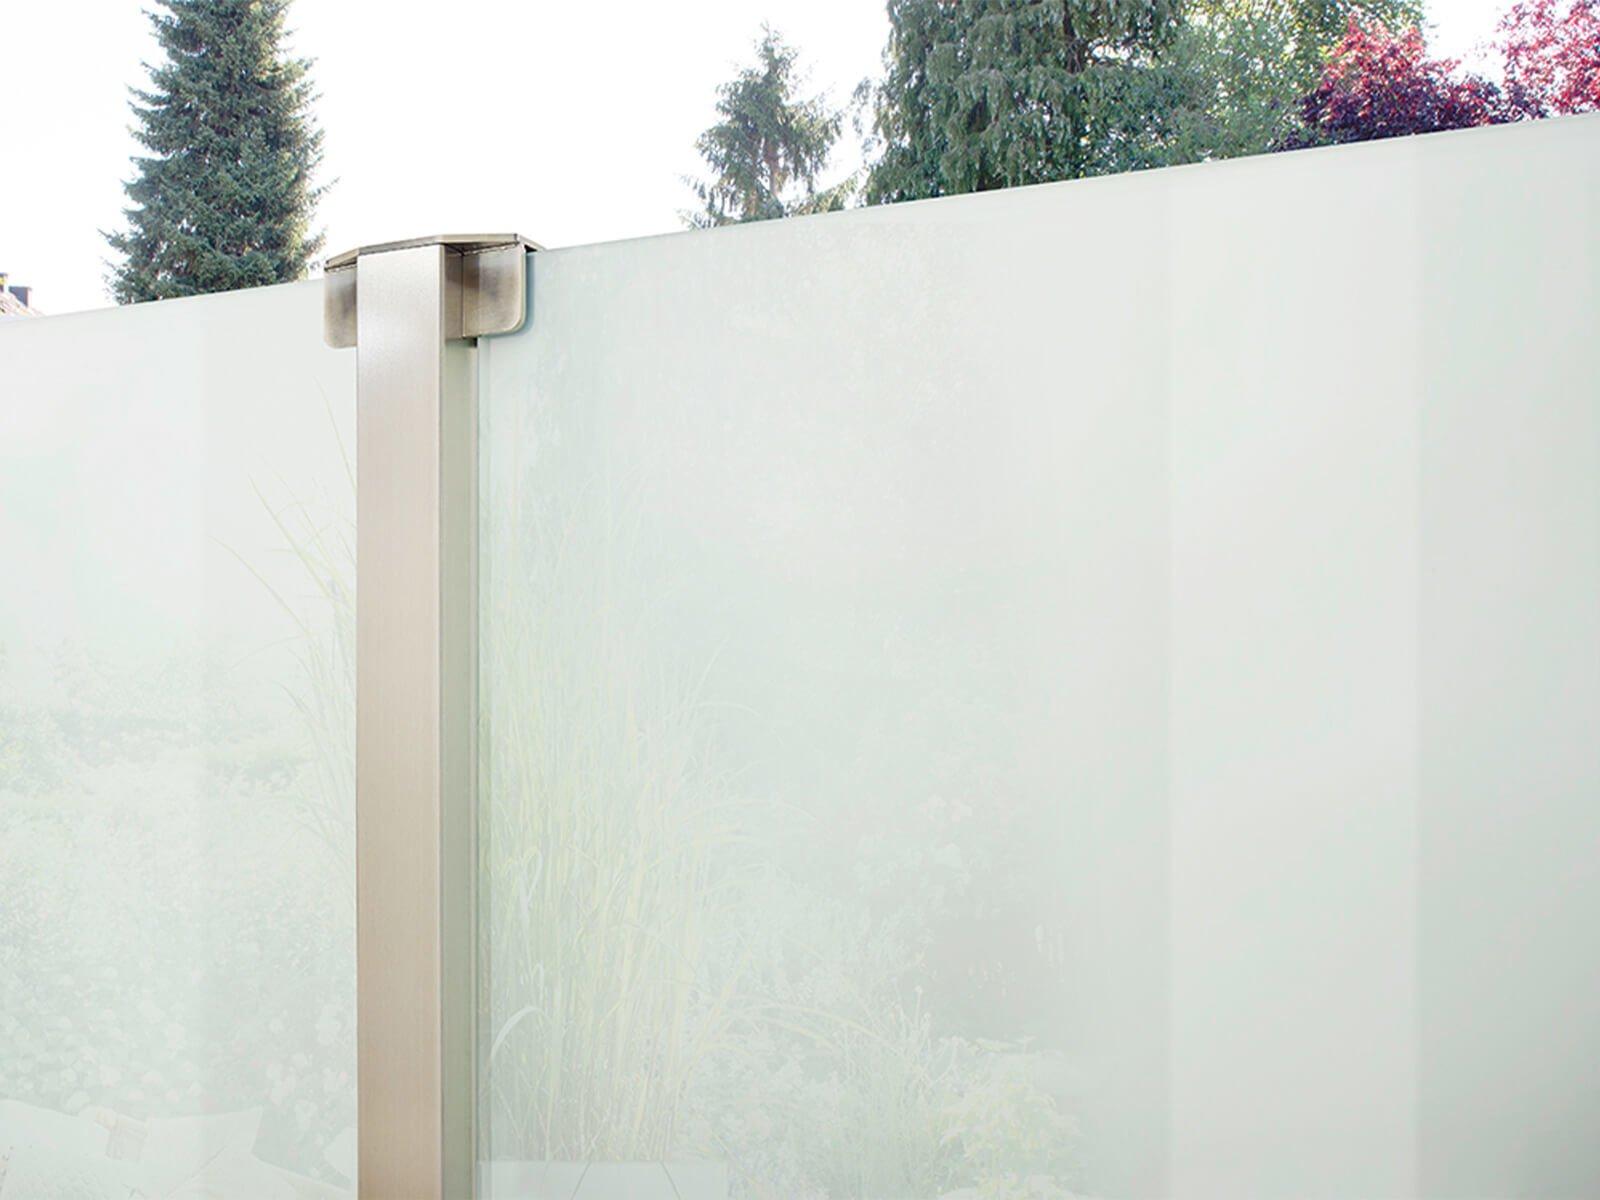 glaszaun-mit-windschutz-und-sichtschutz-modernes-design-individuell-nach-mass-fuer-garten-und-terrasse